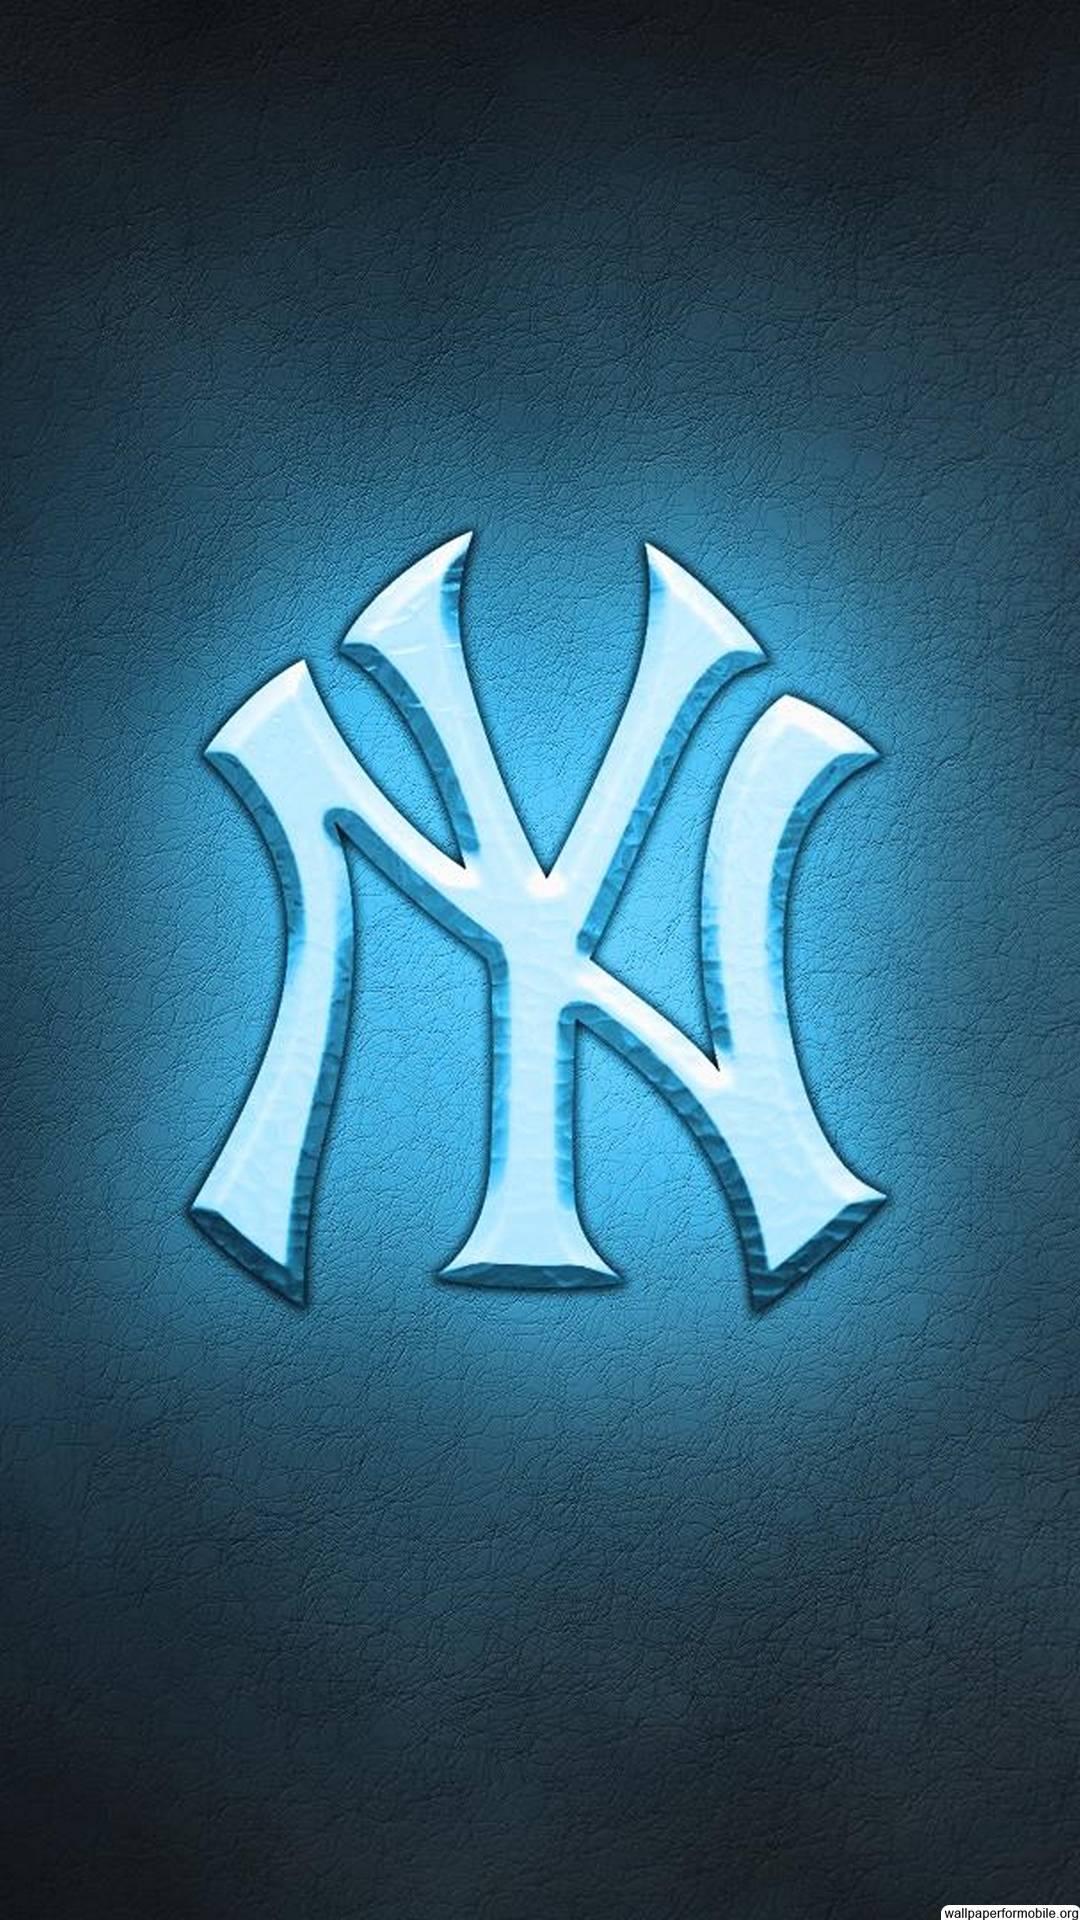 New York Yankees 2017 Wallpapers - Wallpaper Cave